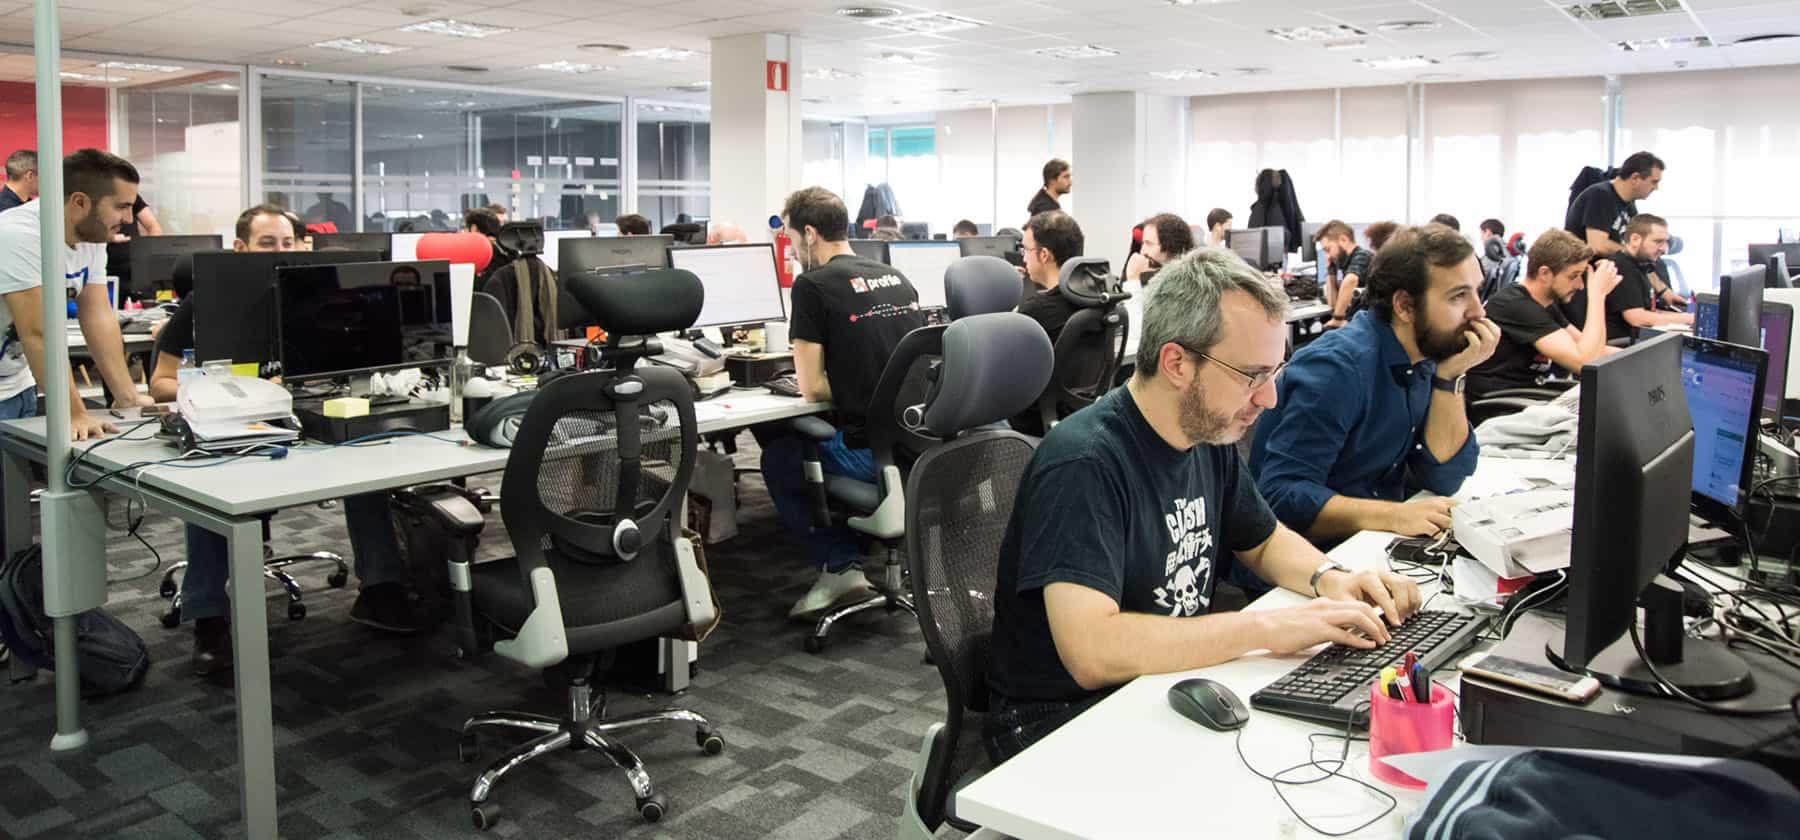 ofertas de trabajo programacion software en madrid y barcelona